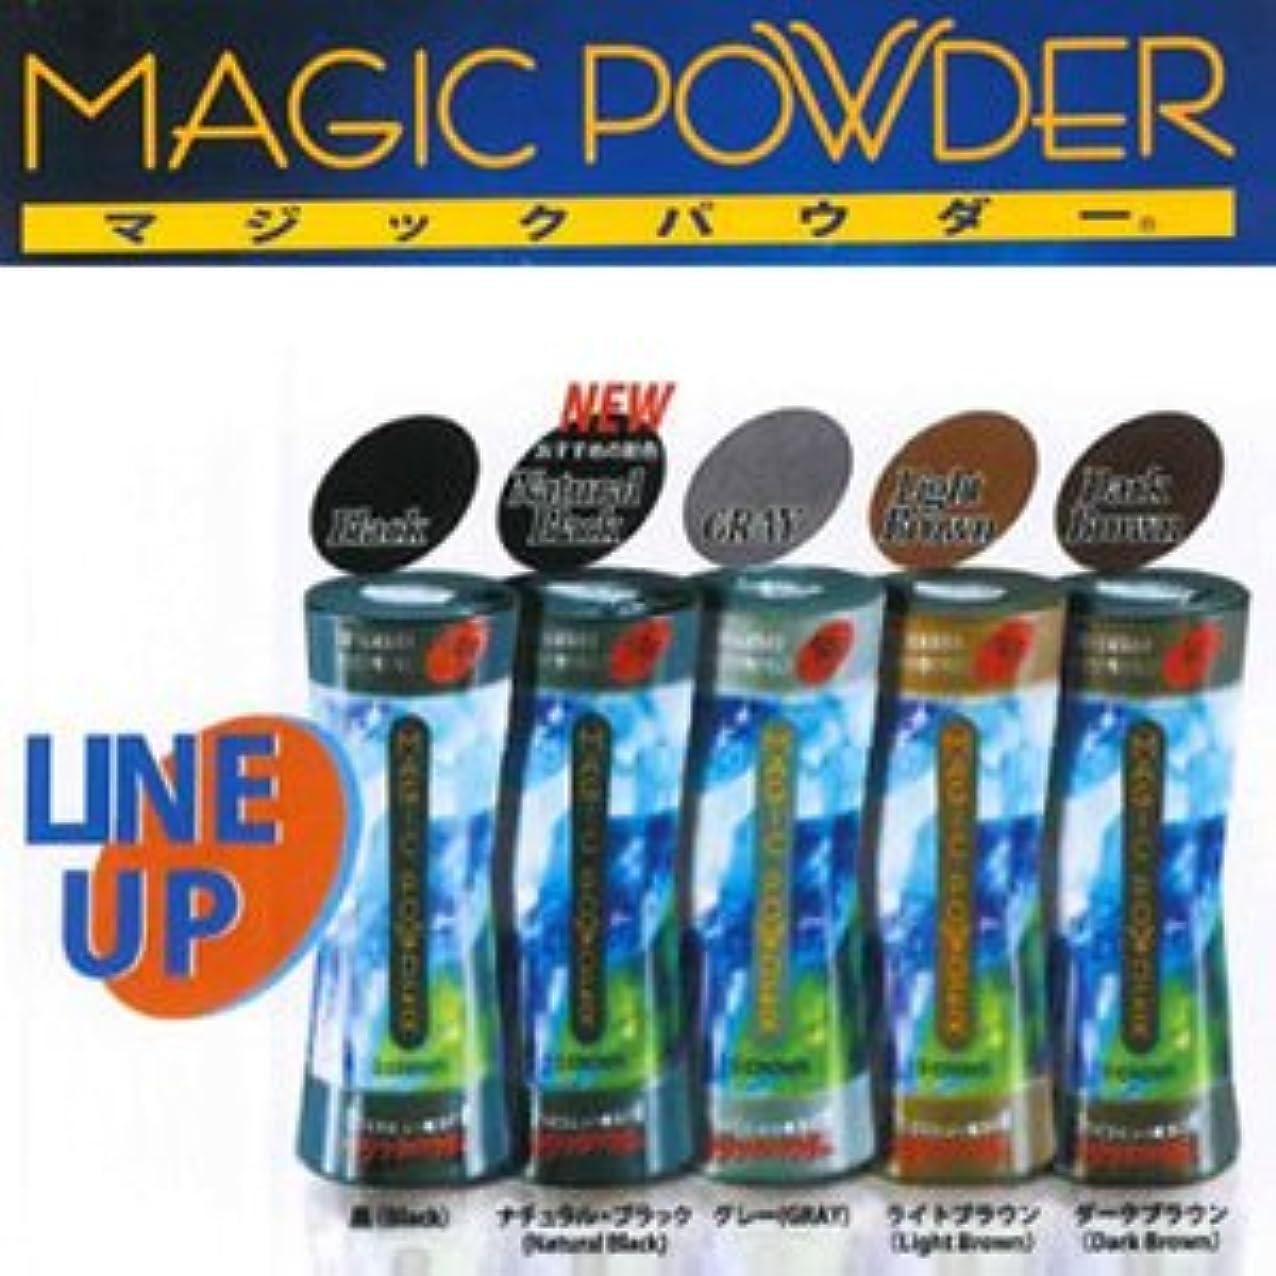 息を切らして安価な抑制するMAGIC POWDER マジックパウダー ライトブラウン 50g  ※貴方の髪を簡単ボリュームアップ!